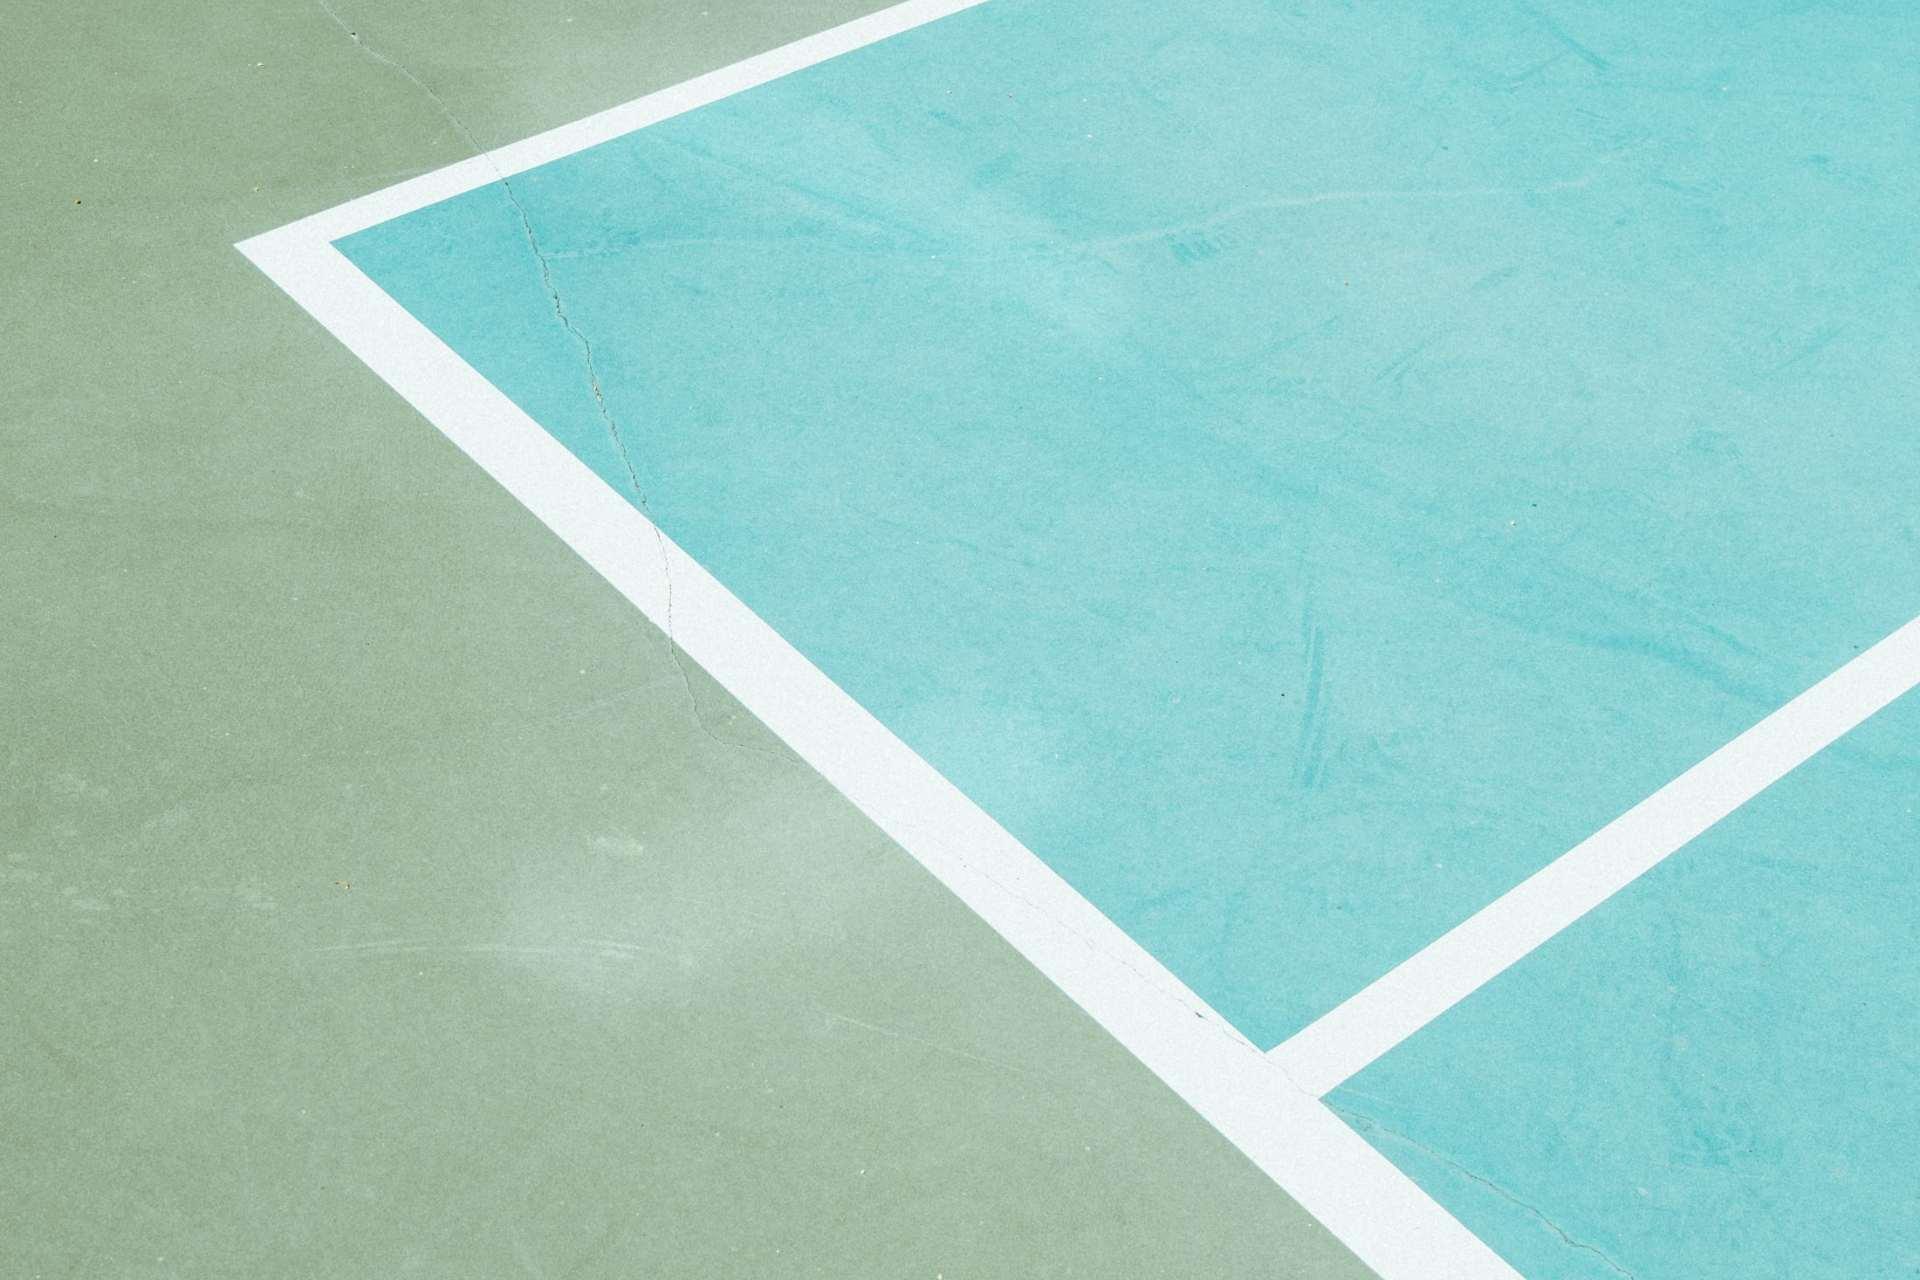 grönt och turkost målat sportgolv med linjer